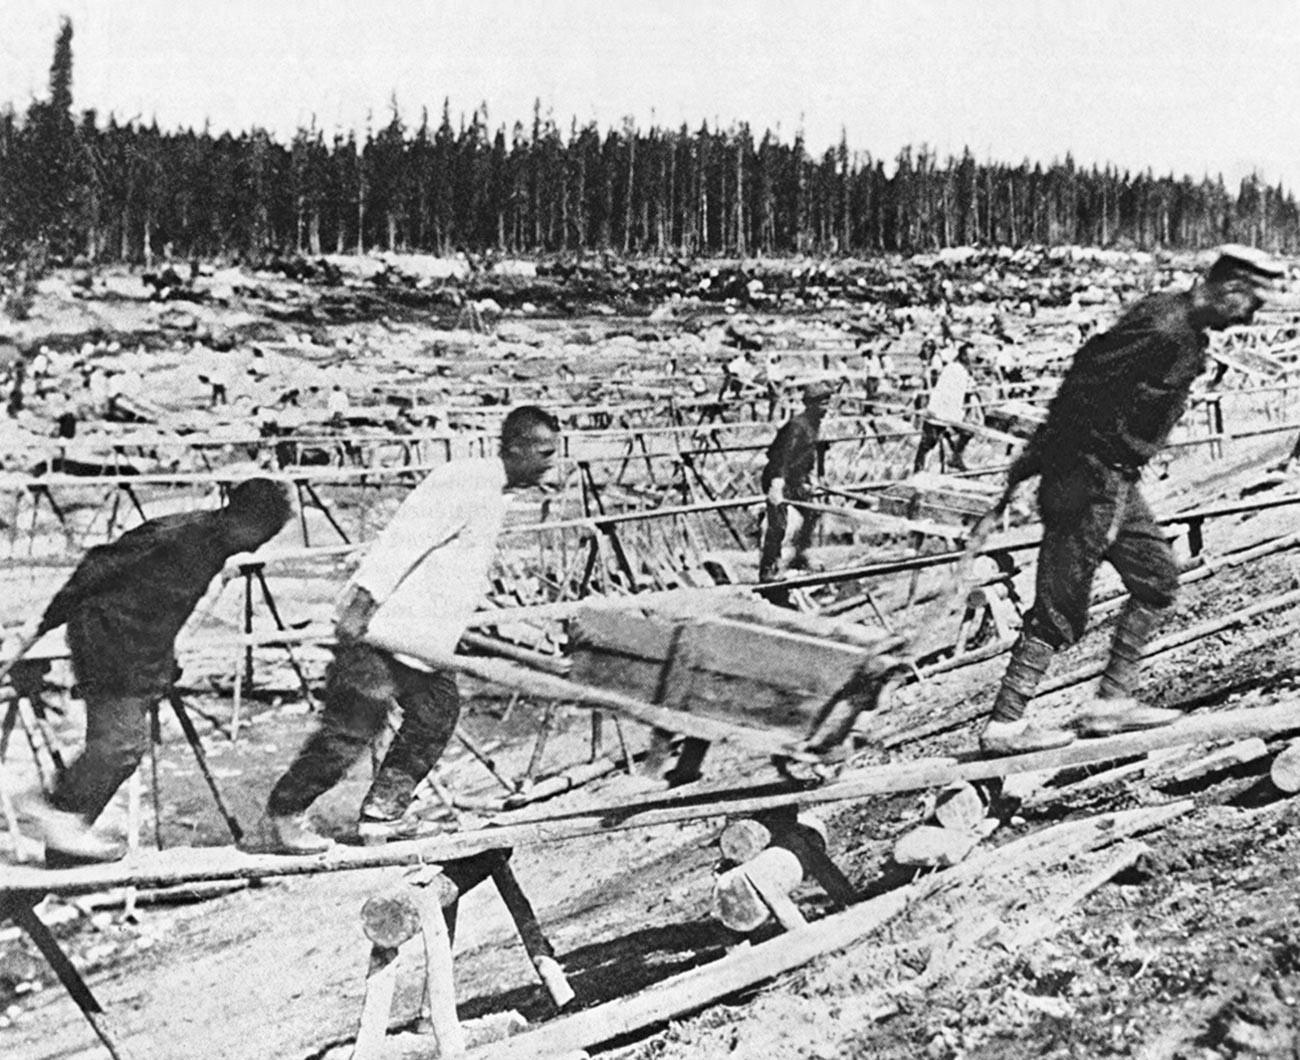 Prigionieri al lavoro per la costruzione del Canale Mar Bianco-Mar Baltico